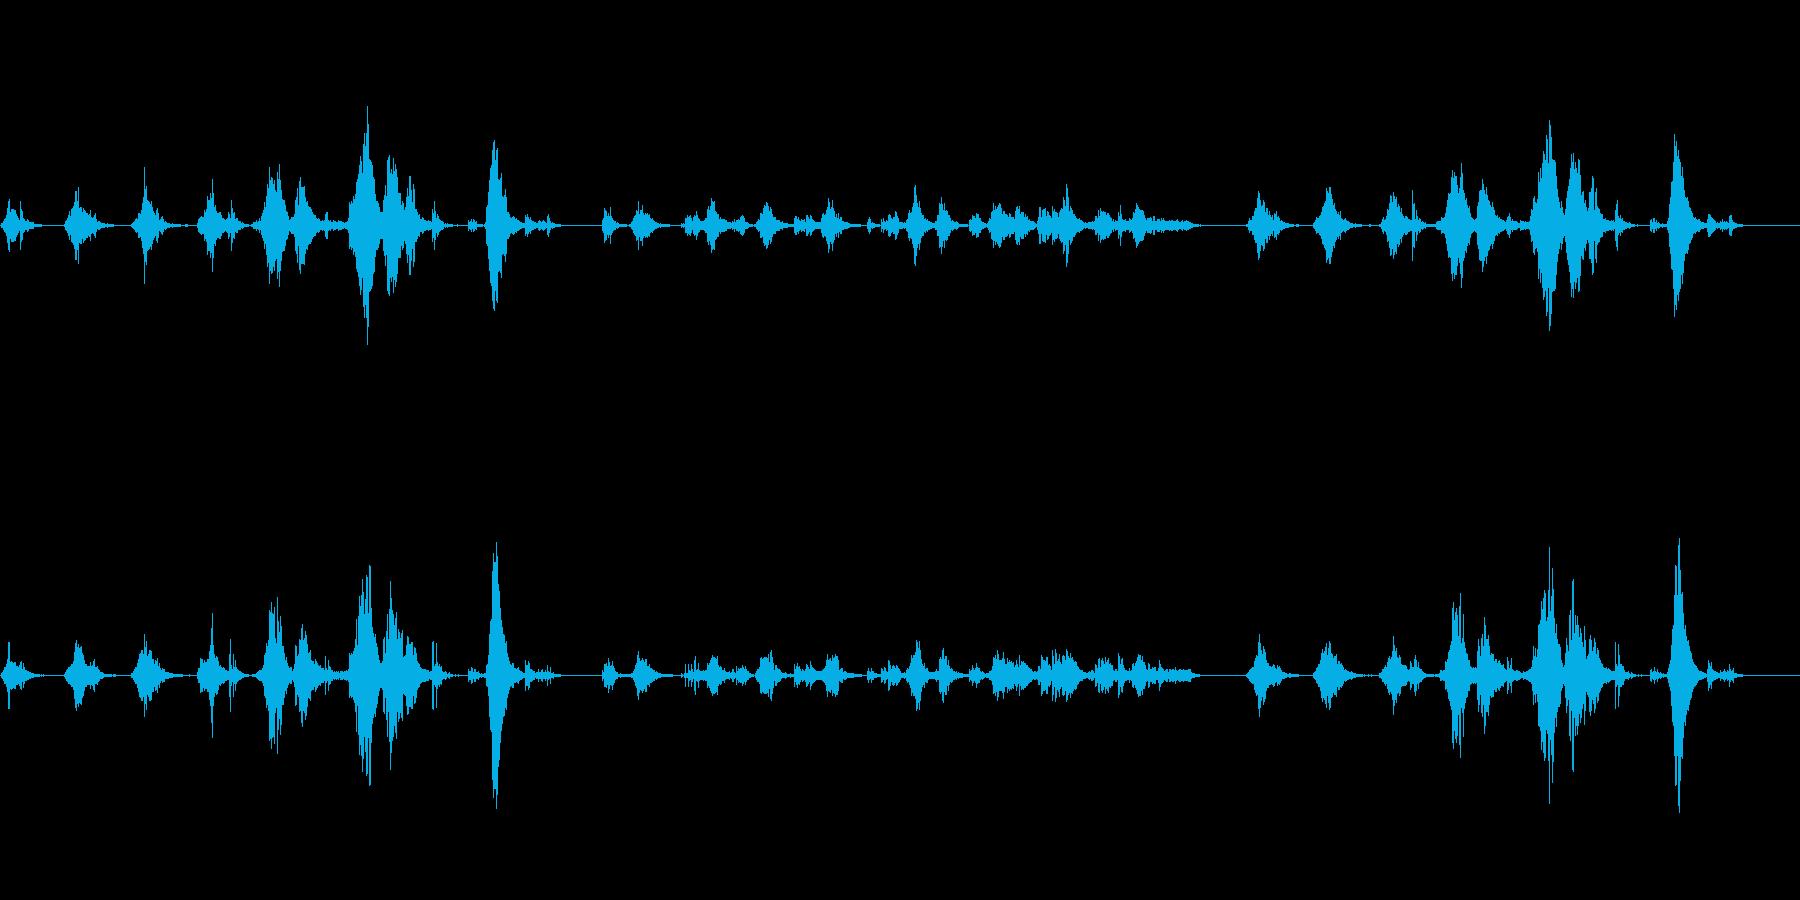 幻想的な空間で流れるイメージの楽曲ですの再生済みの波形